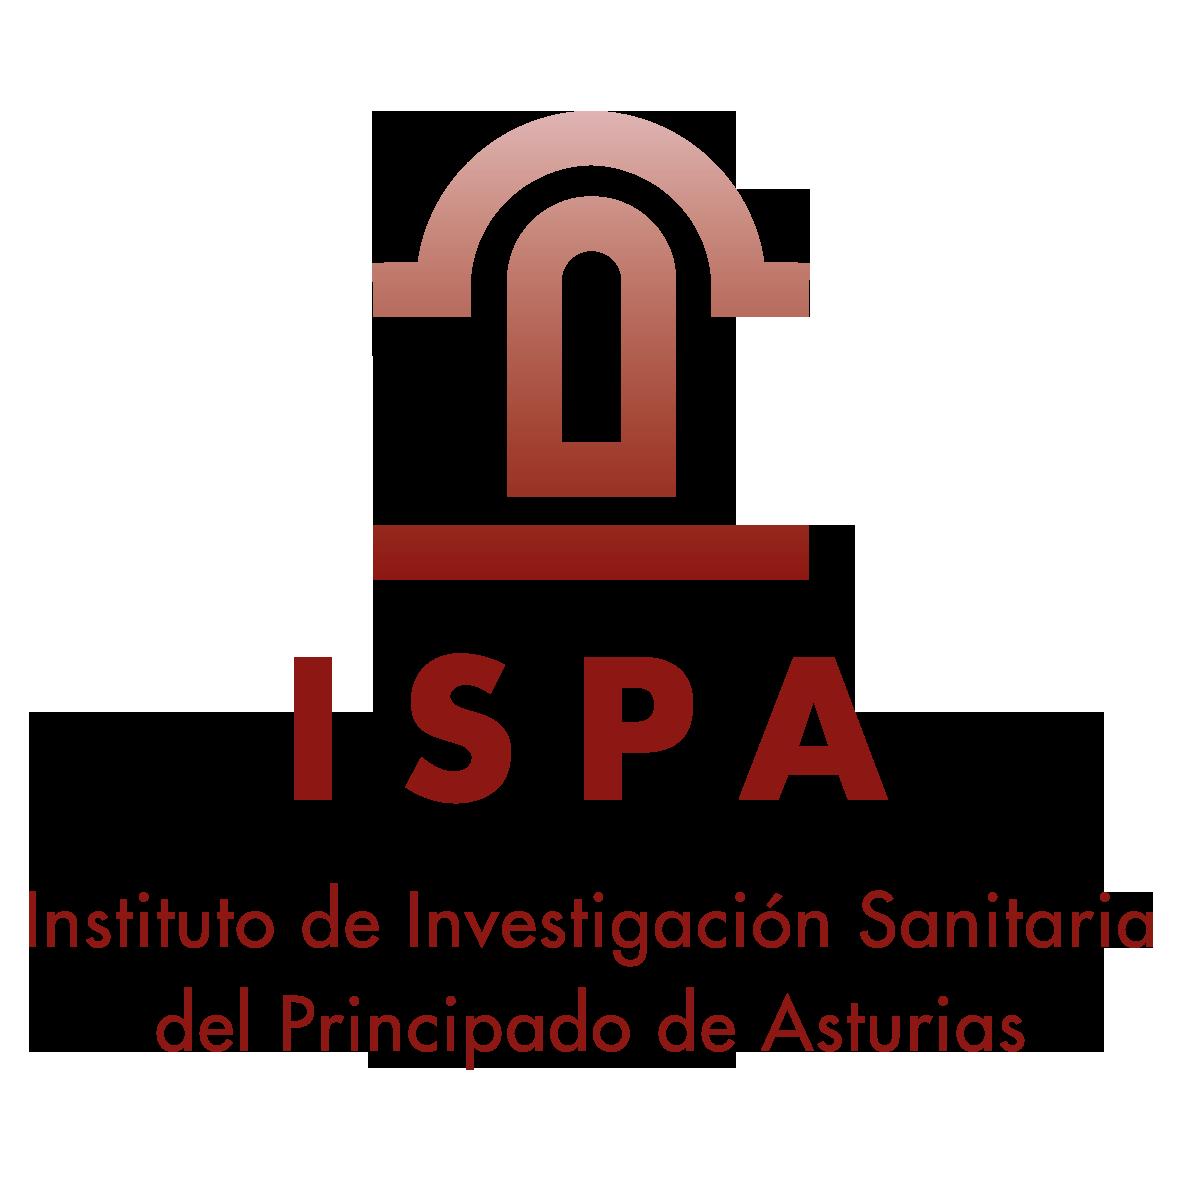 Logotipos - ISPA